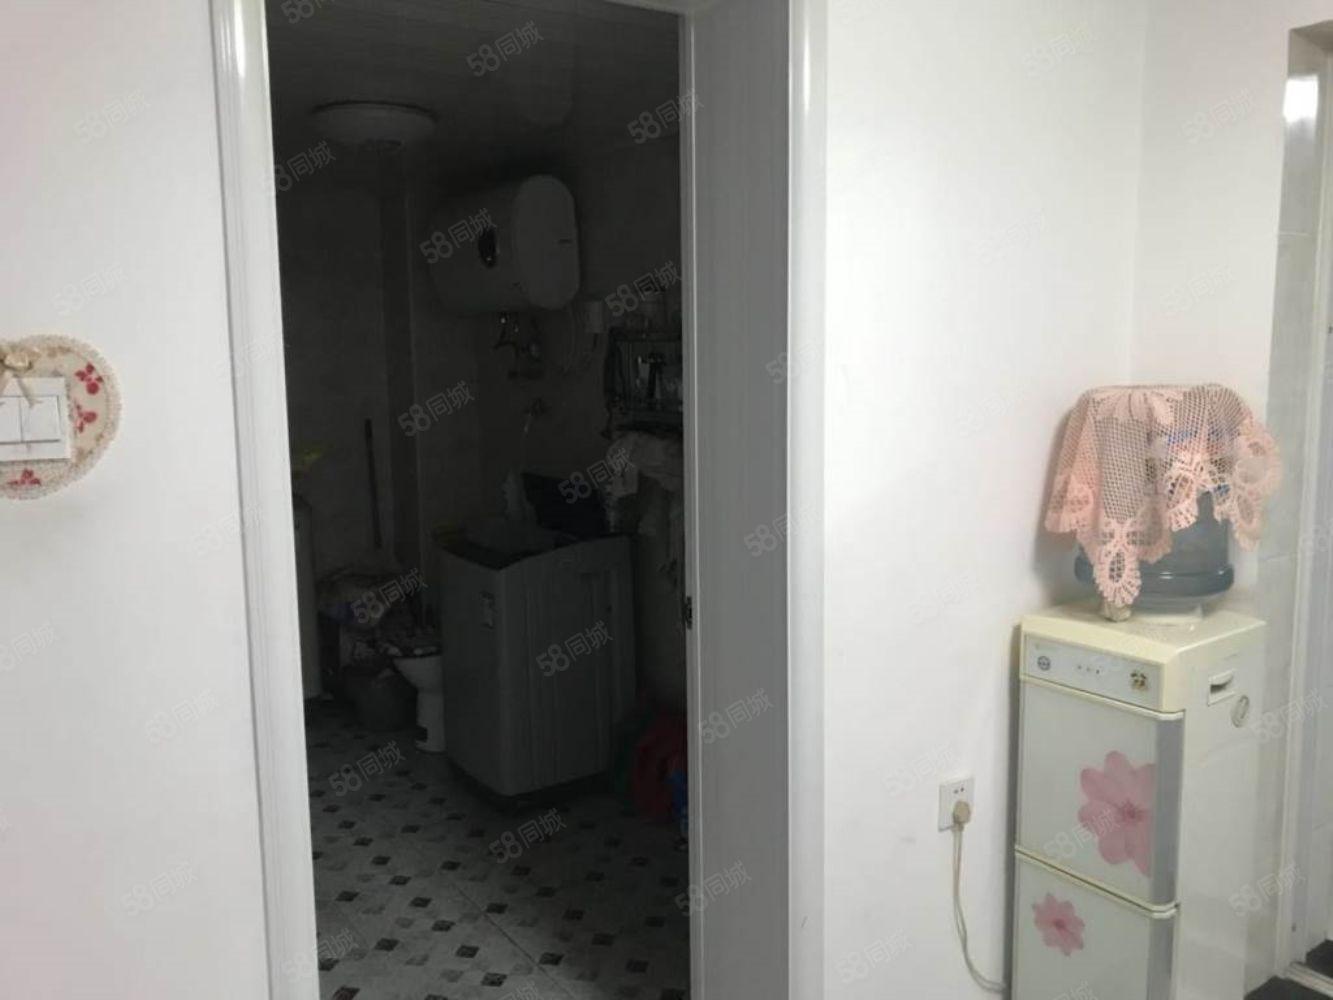 迎宾小区阁楼包水电暖物业,家具家电齐全年租13000